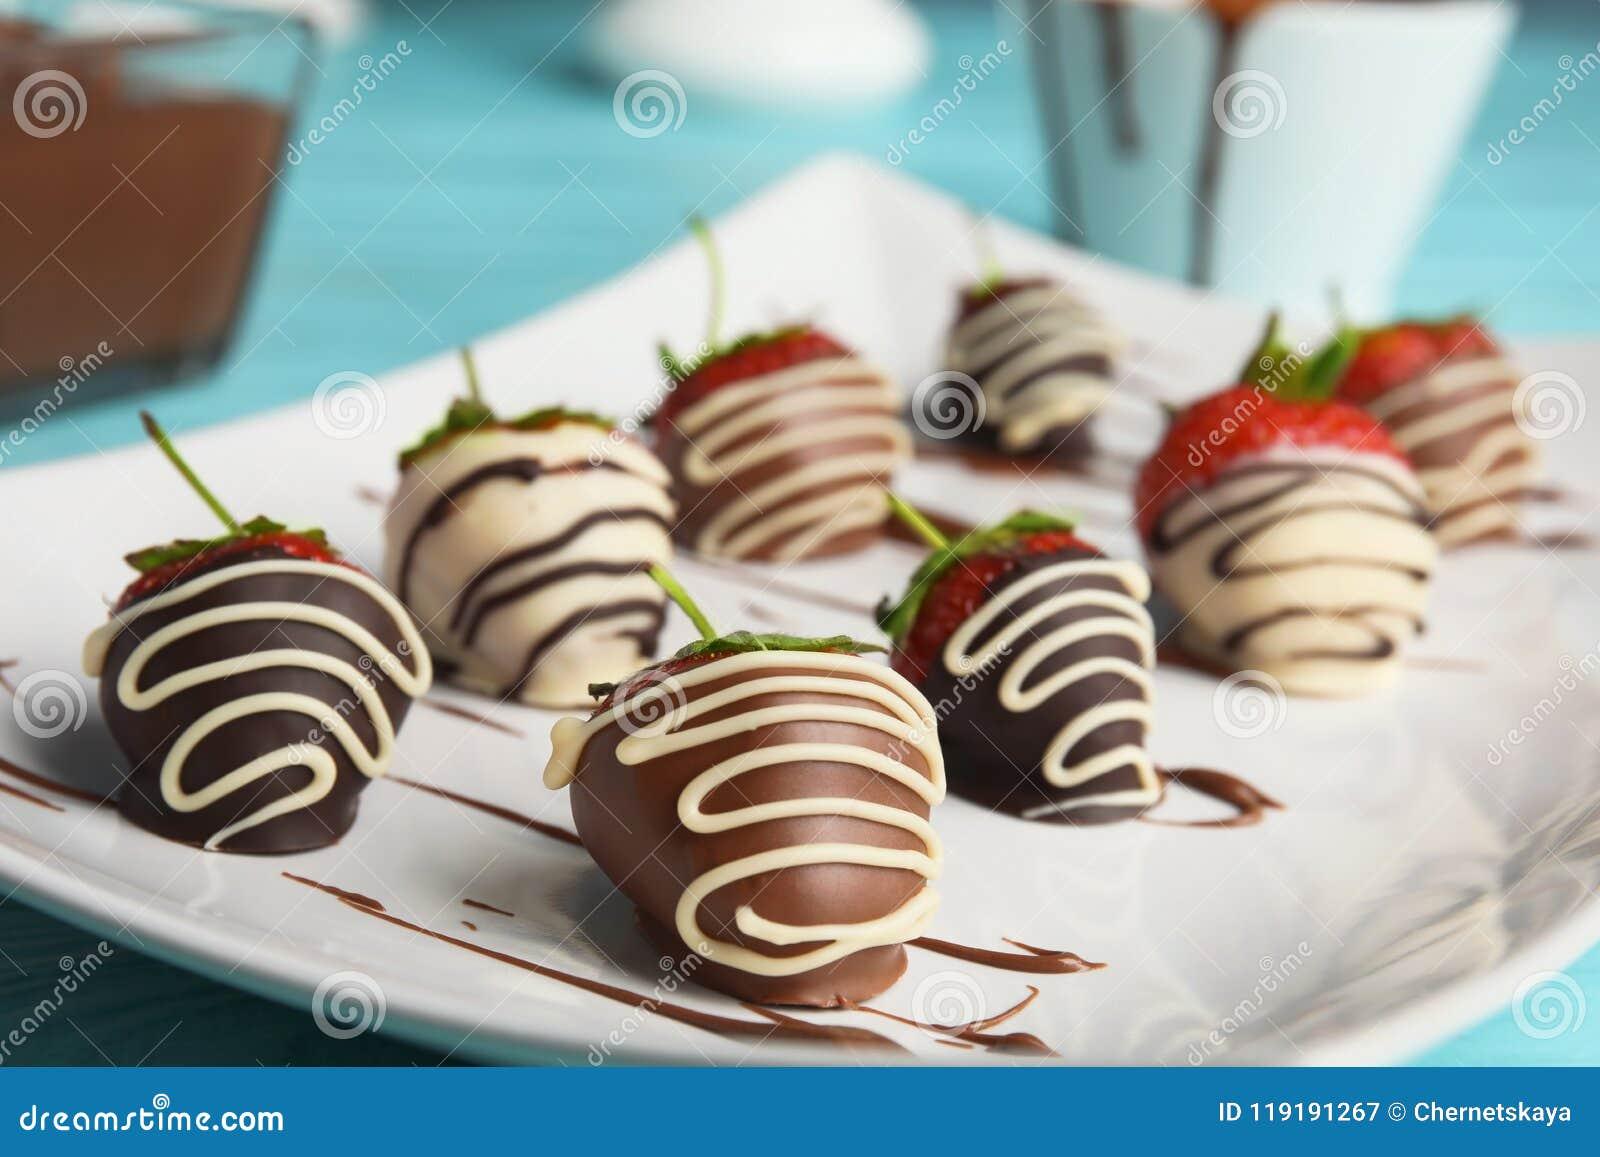 板材用涂了巧克力的草莓